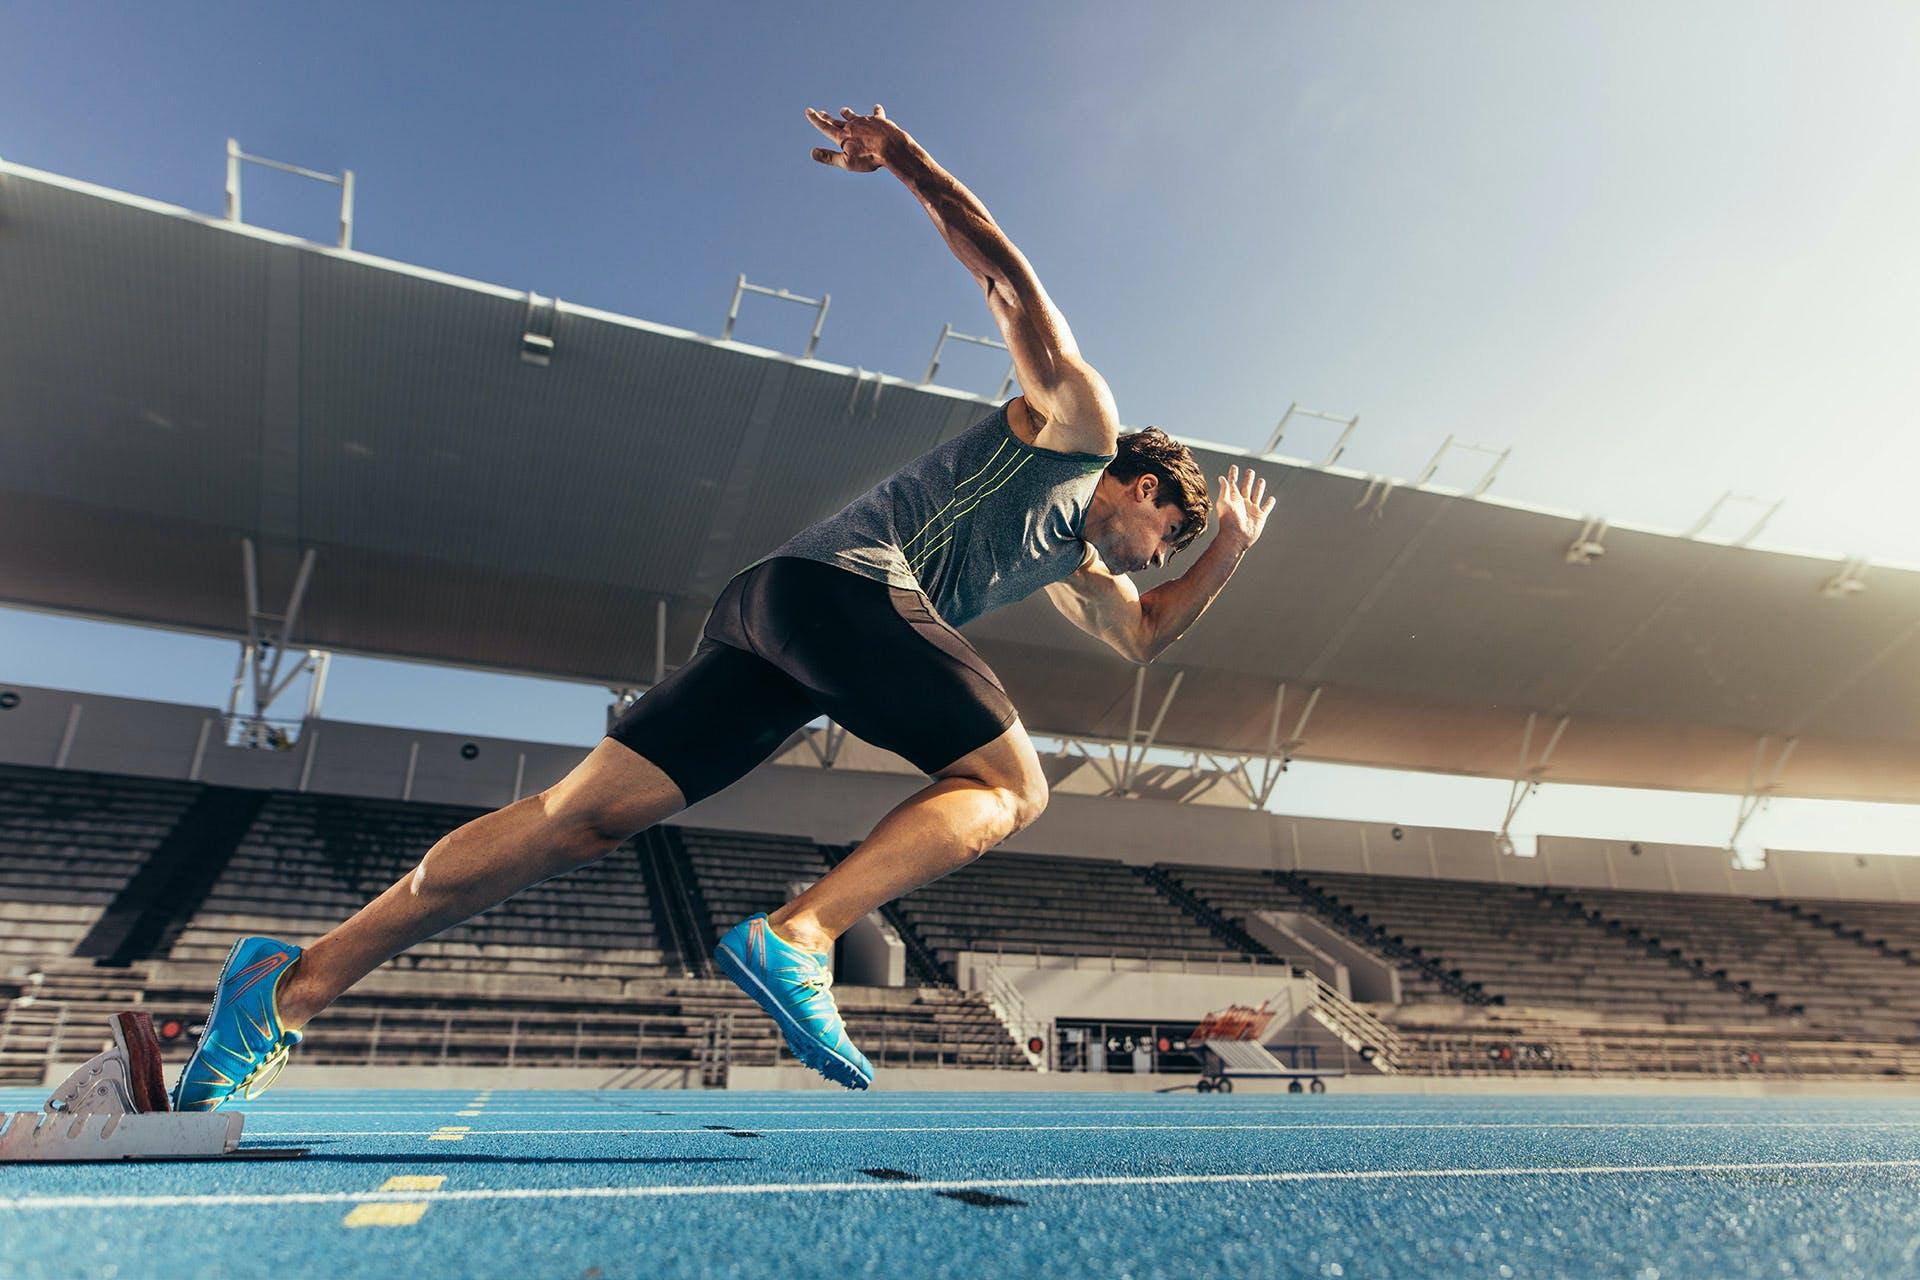 3D Bodyscanner verbessern die Leistung des Athleten.